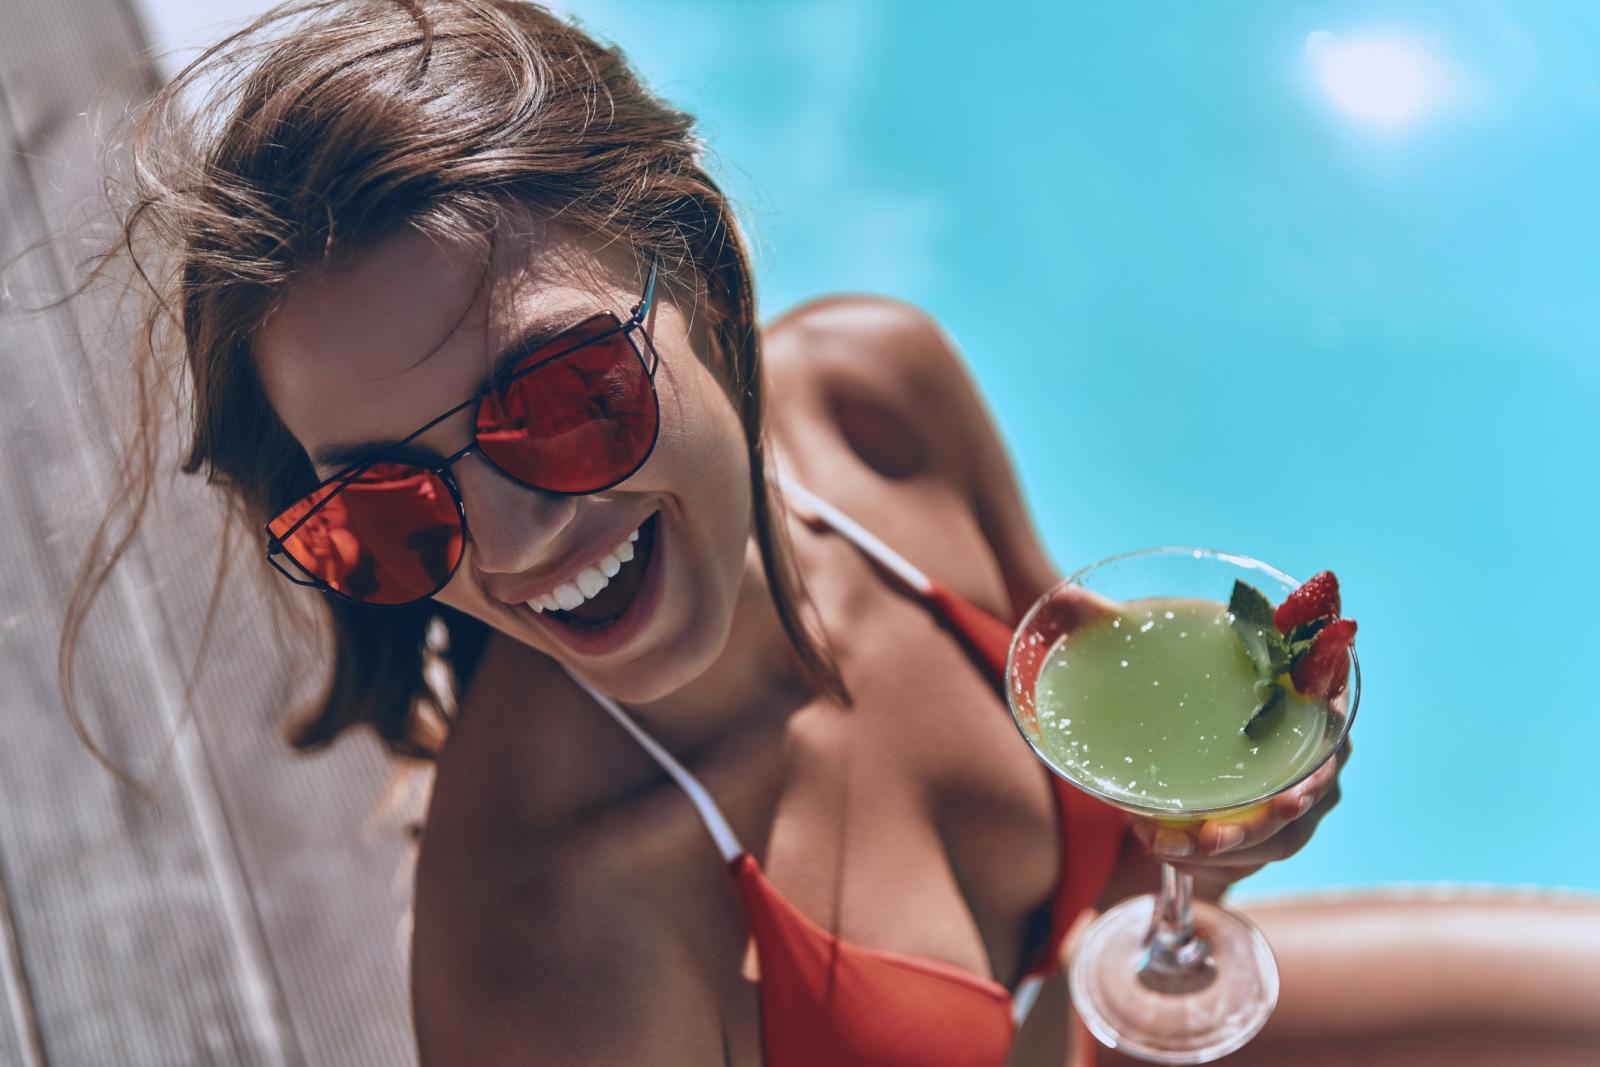 Najbolja dijeta je ona u kojoj ćete uživati i koje ćete se držati.